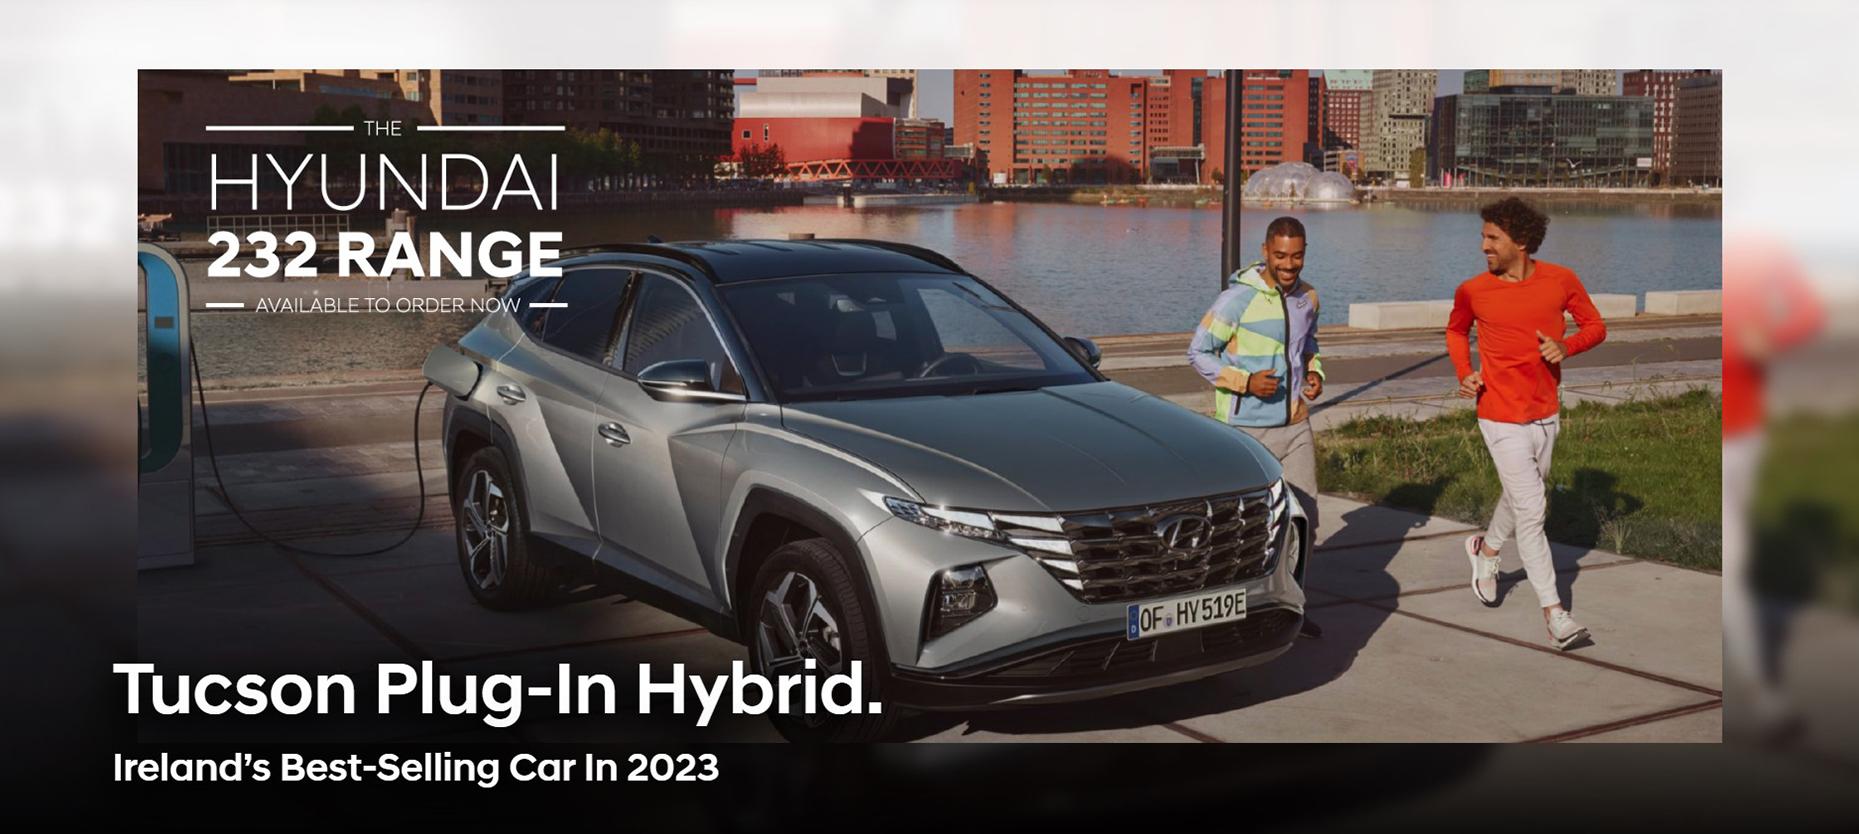 tucson-plug-in